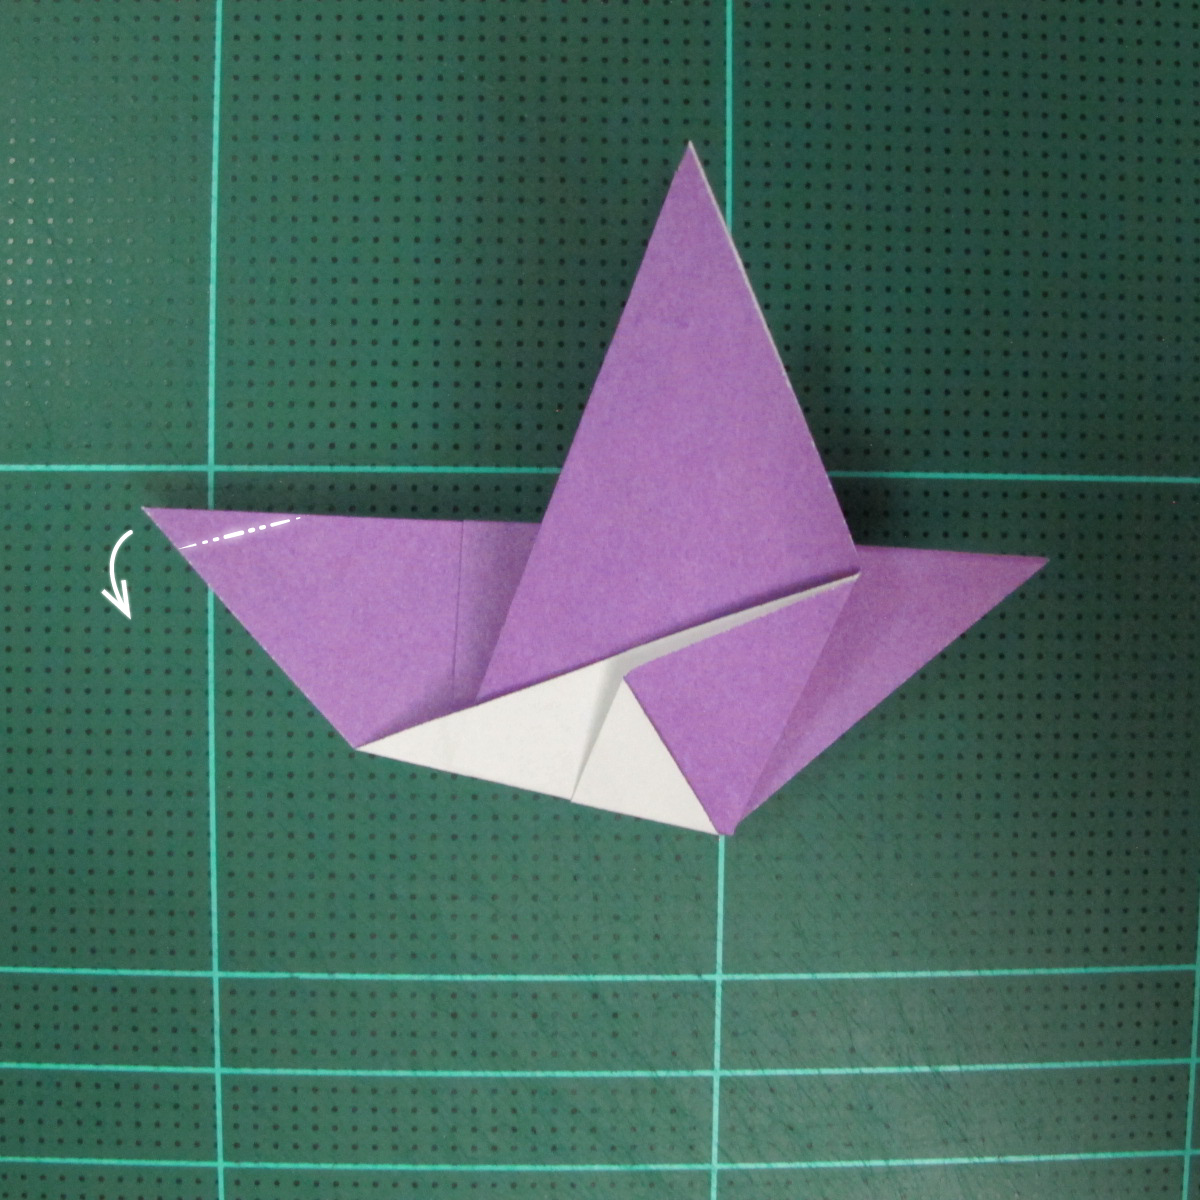 วิธีพับกระดาษเป็นนกพิราบแบบง่าย (Easy Origami Pigeon) 010